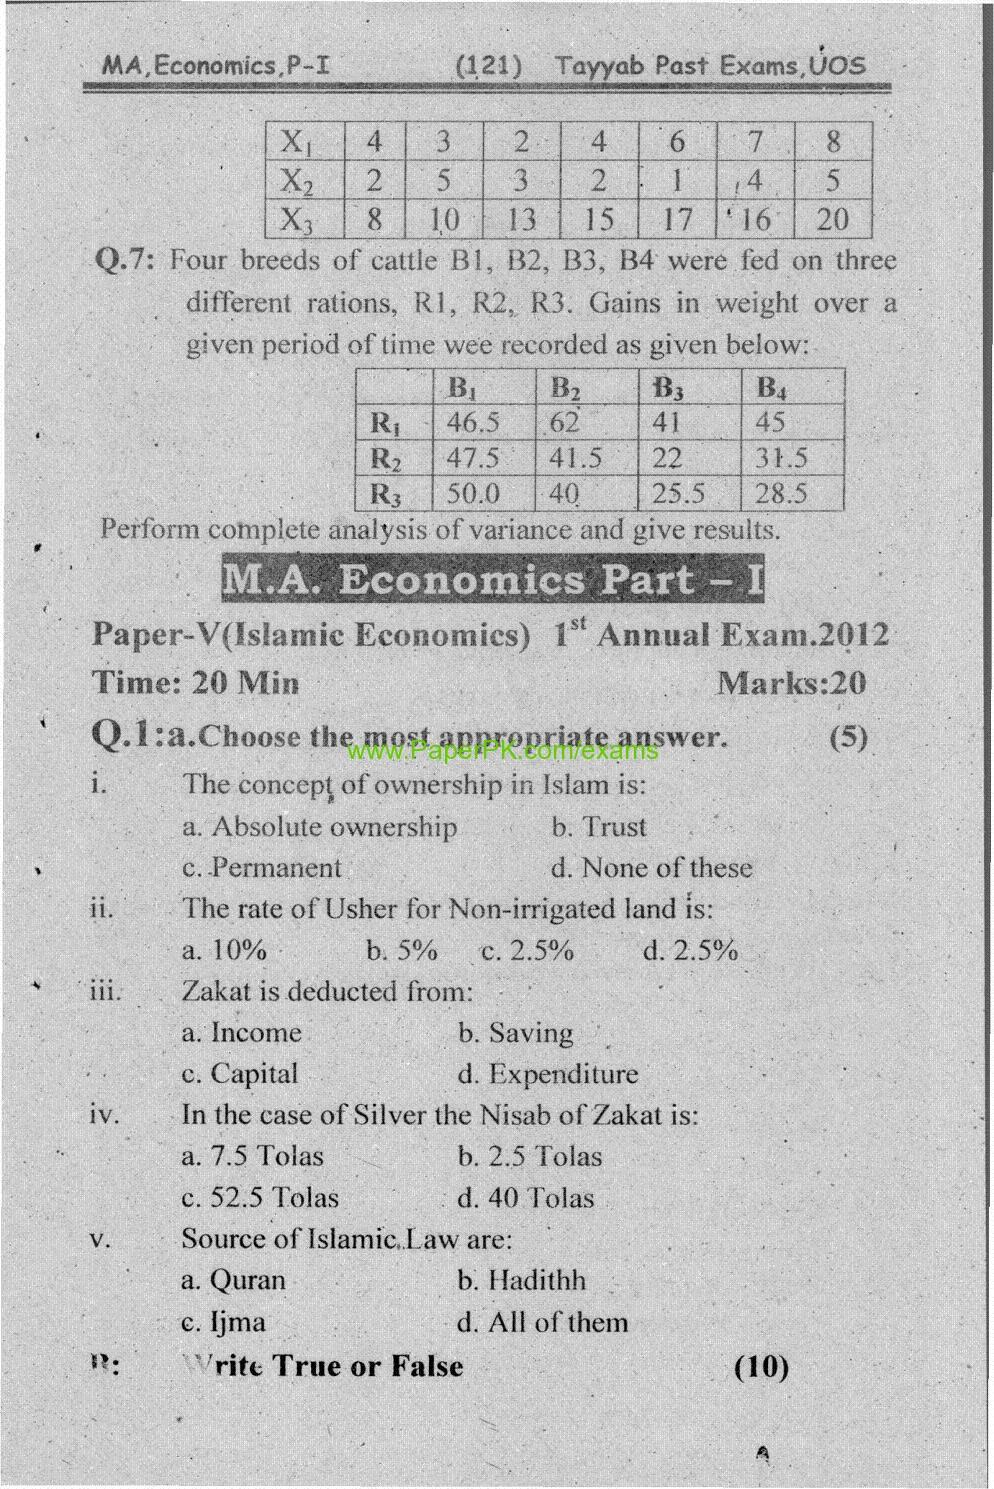 M.A Economics Part-I Paper-IV Statistics for Economics